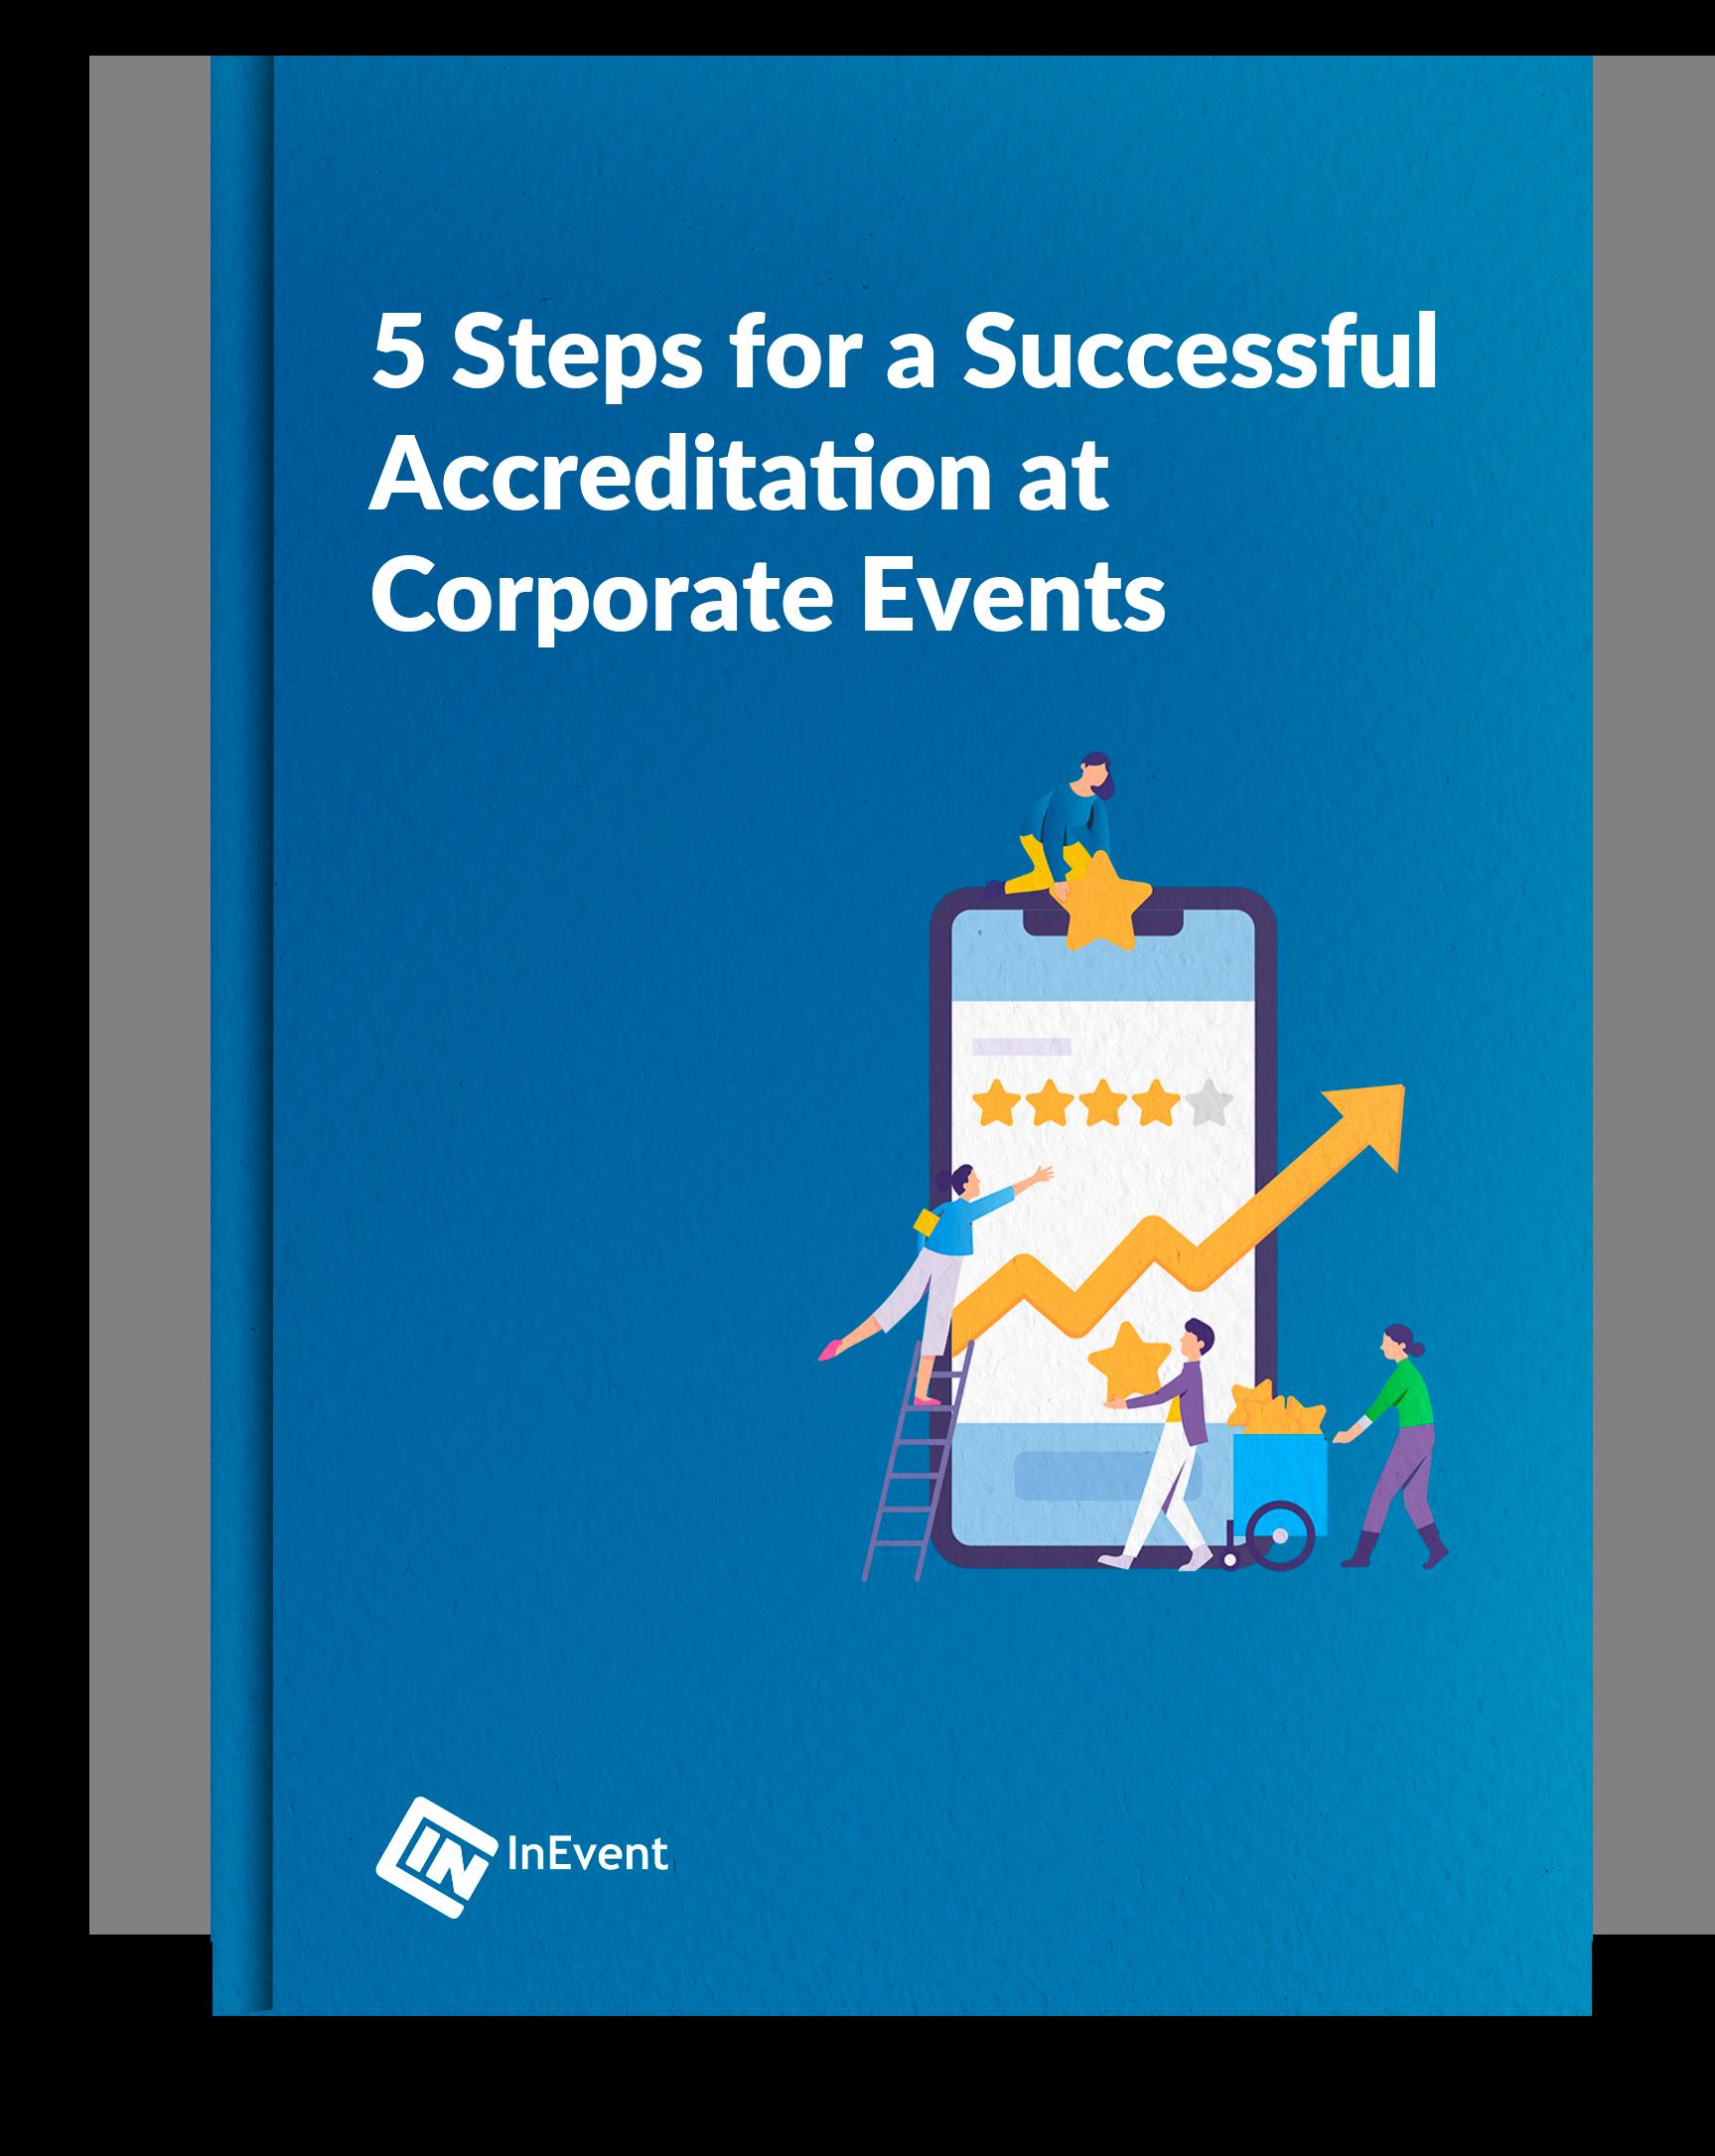 5 steps for